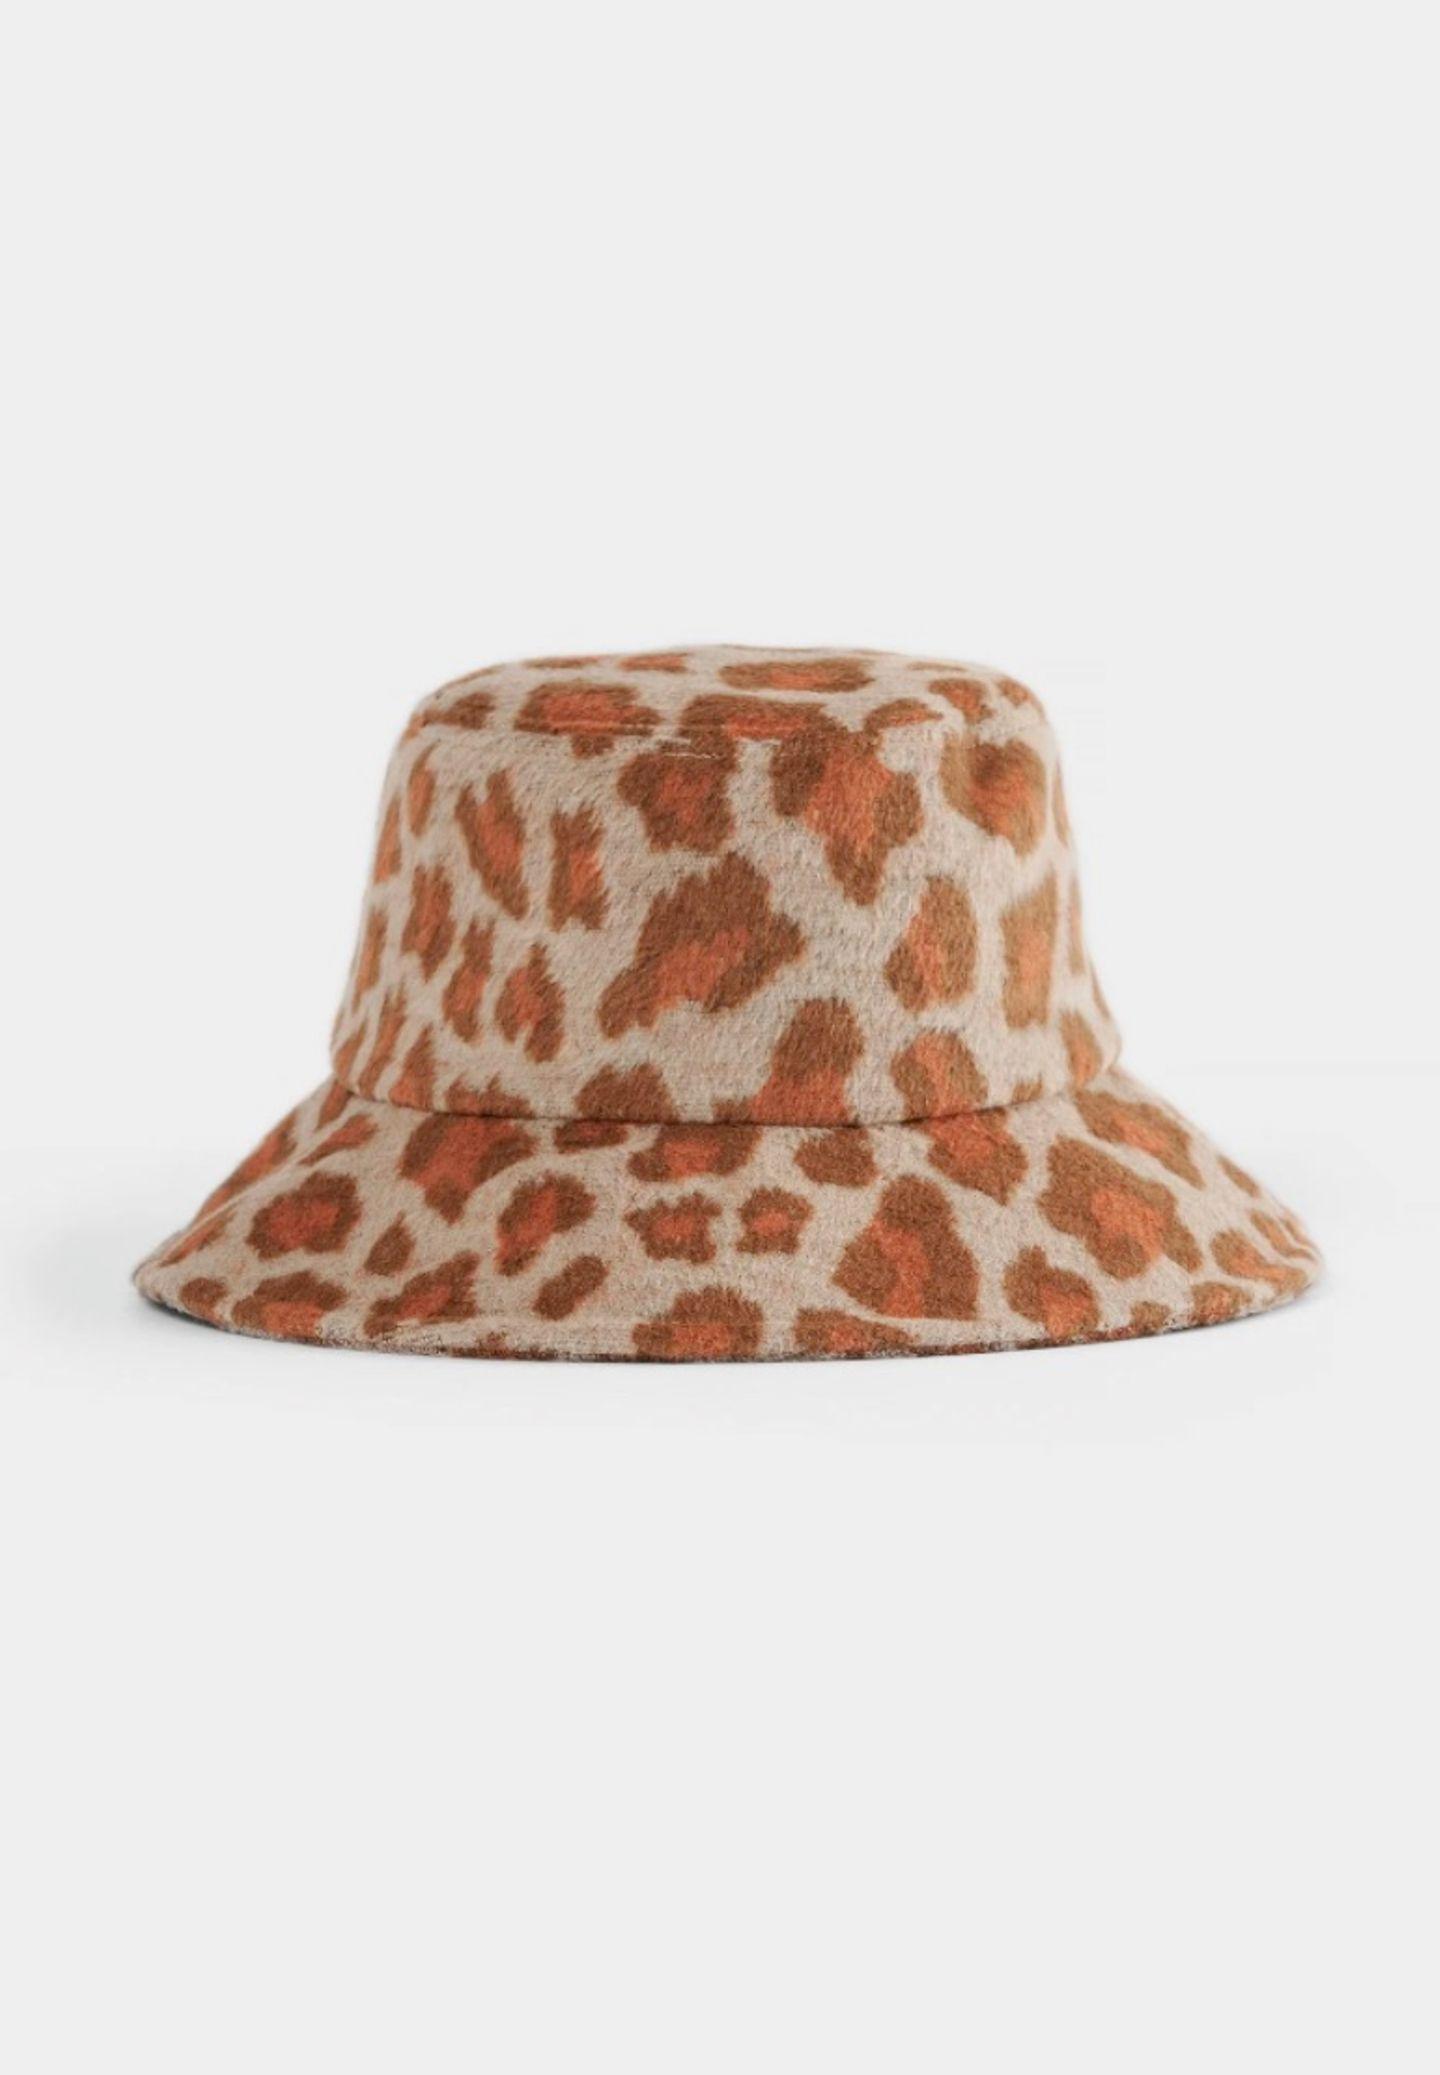 Eine äquivalente Alternative ist dieser Bucket Hut mit Leoparden-Muster. Er verbindet den Bucket-Hut-Trend mit dem Evergreen-Animal-Muster und zieht bei uns in die Kleiderschränke ein. Von Na-kd, kostet ca. 28 Euro.